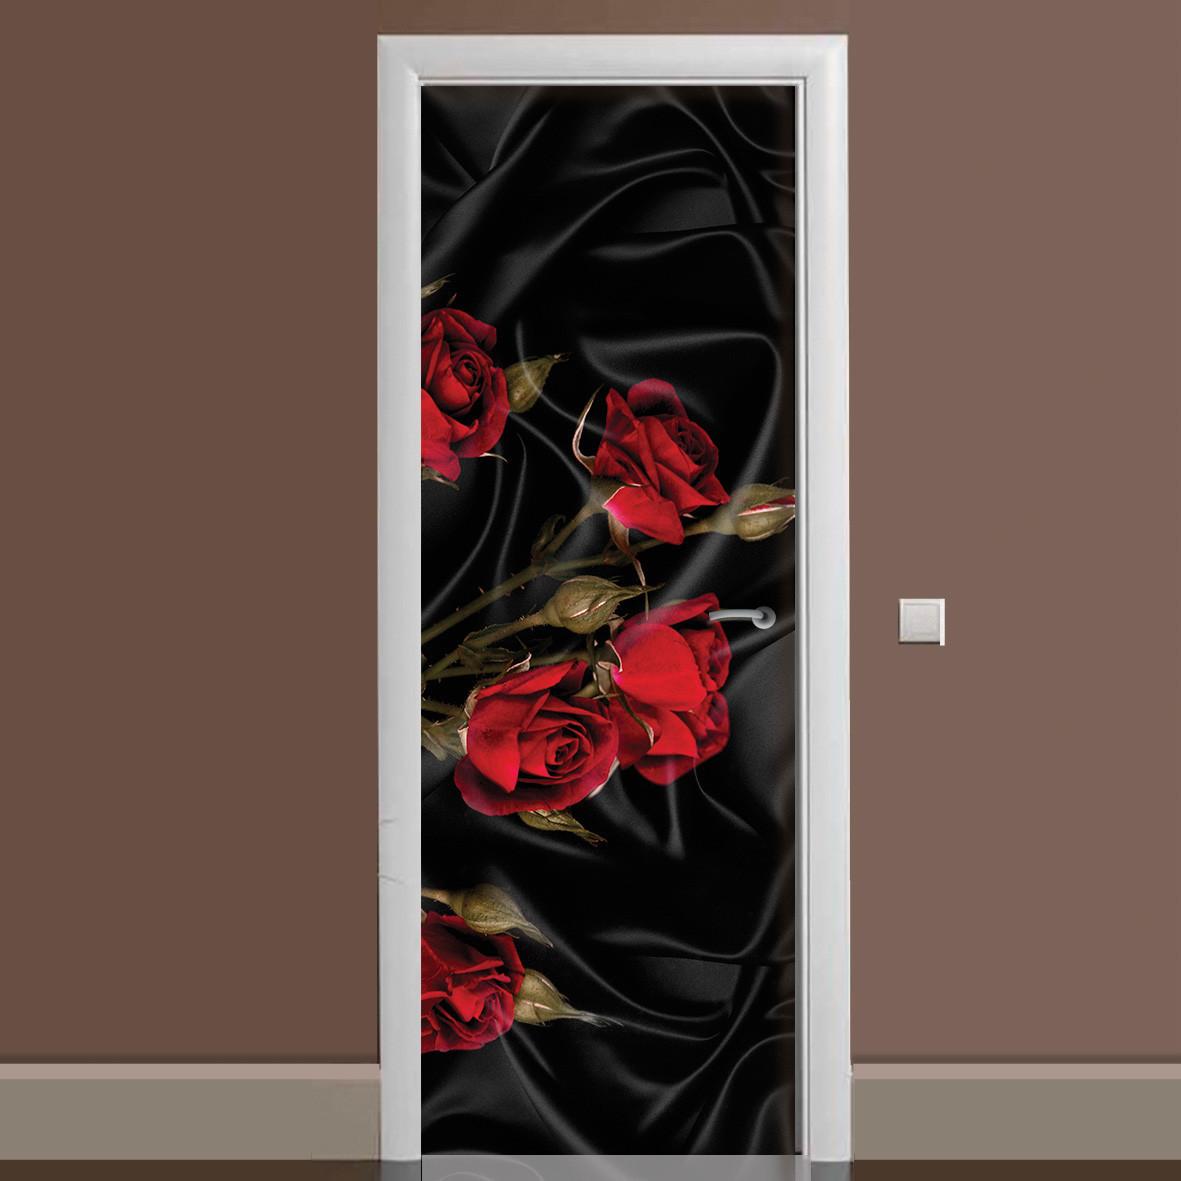 Виниловая наклейка на дверь Роза Tassin ламинированная двойная пленка цветы красные розы черный шелк